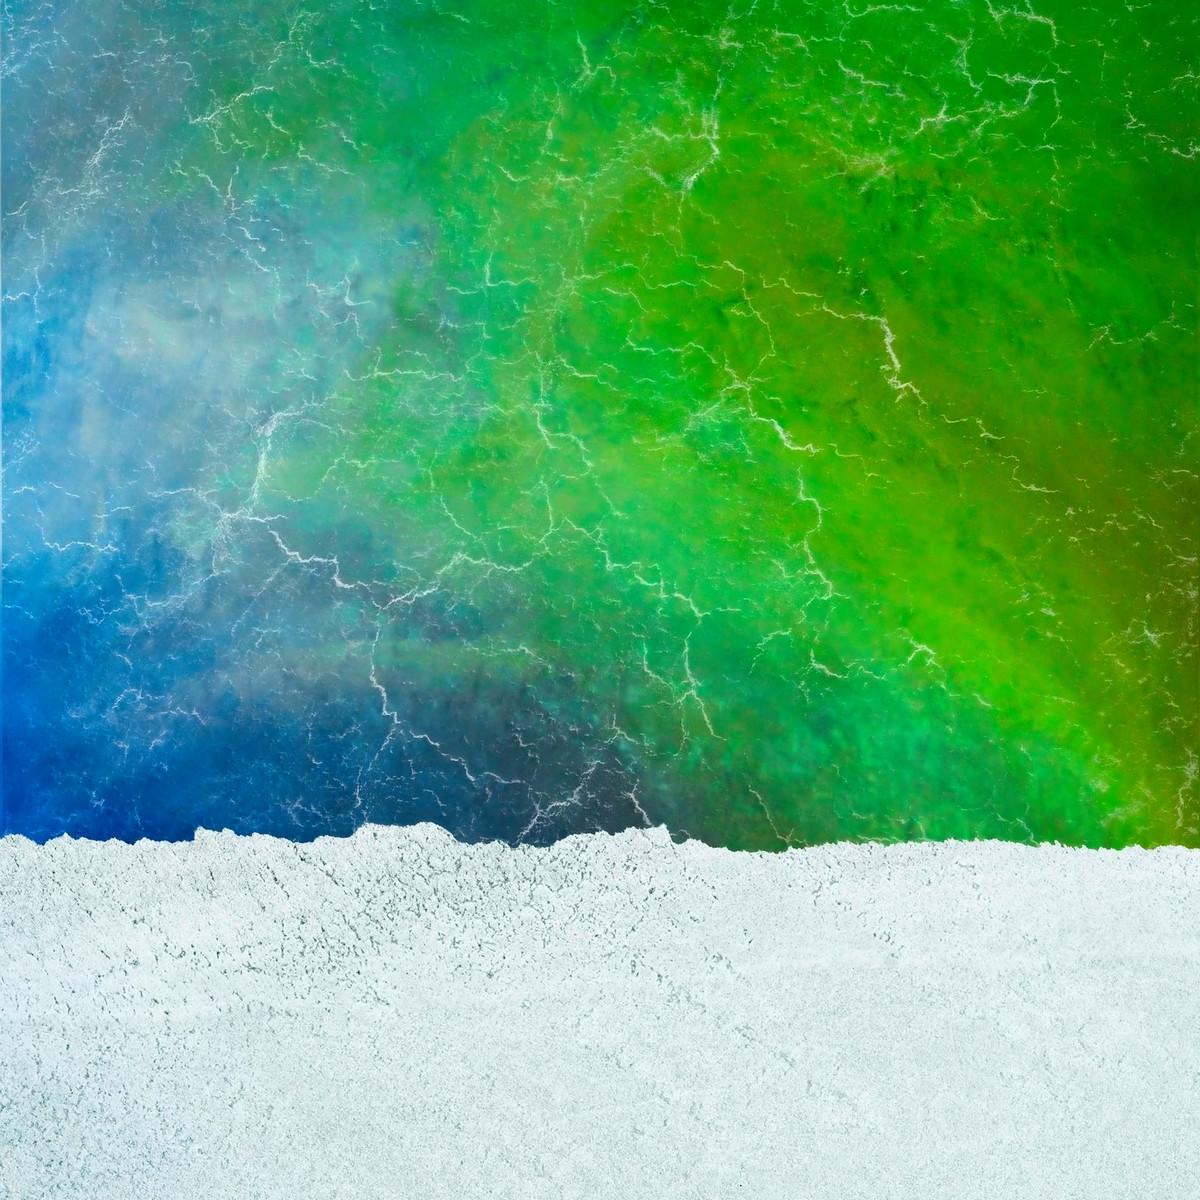 Озеро Эйр в аэрофотографиях  1